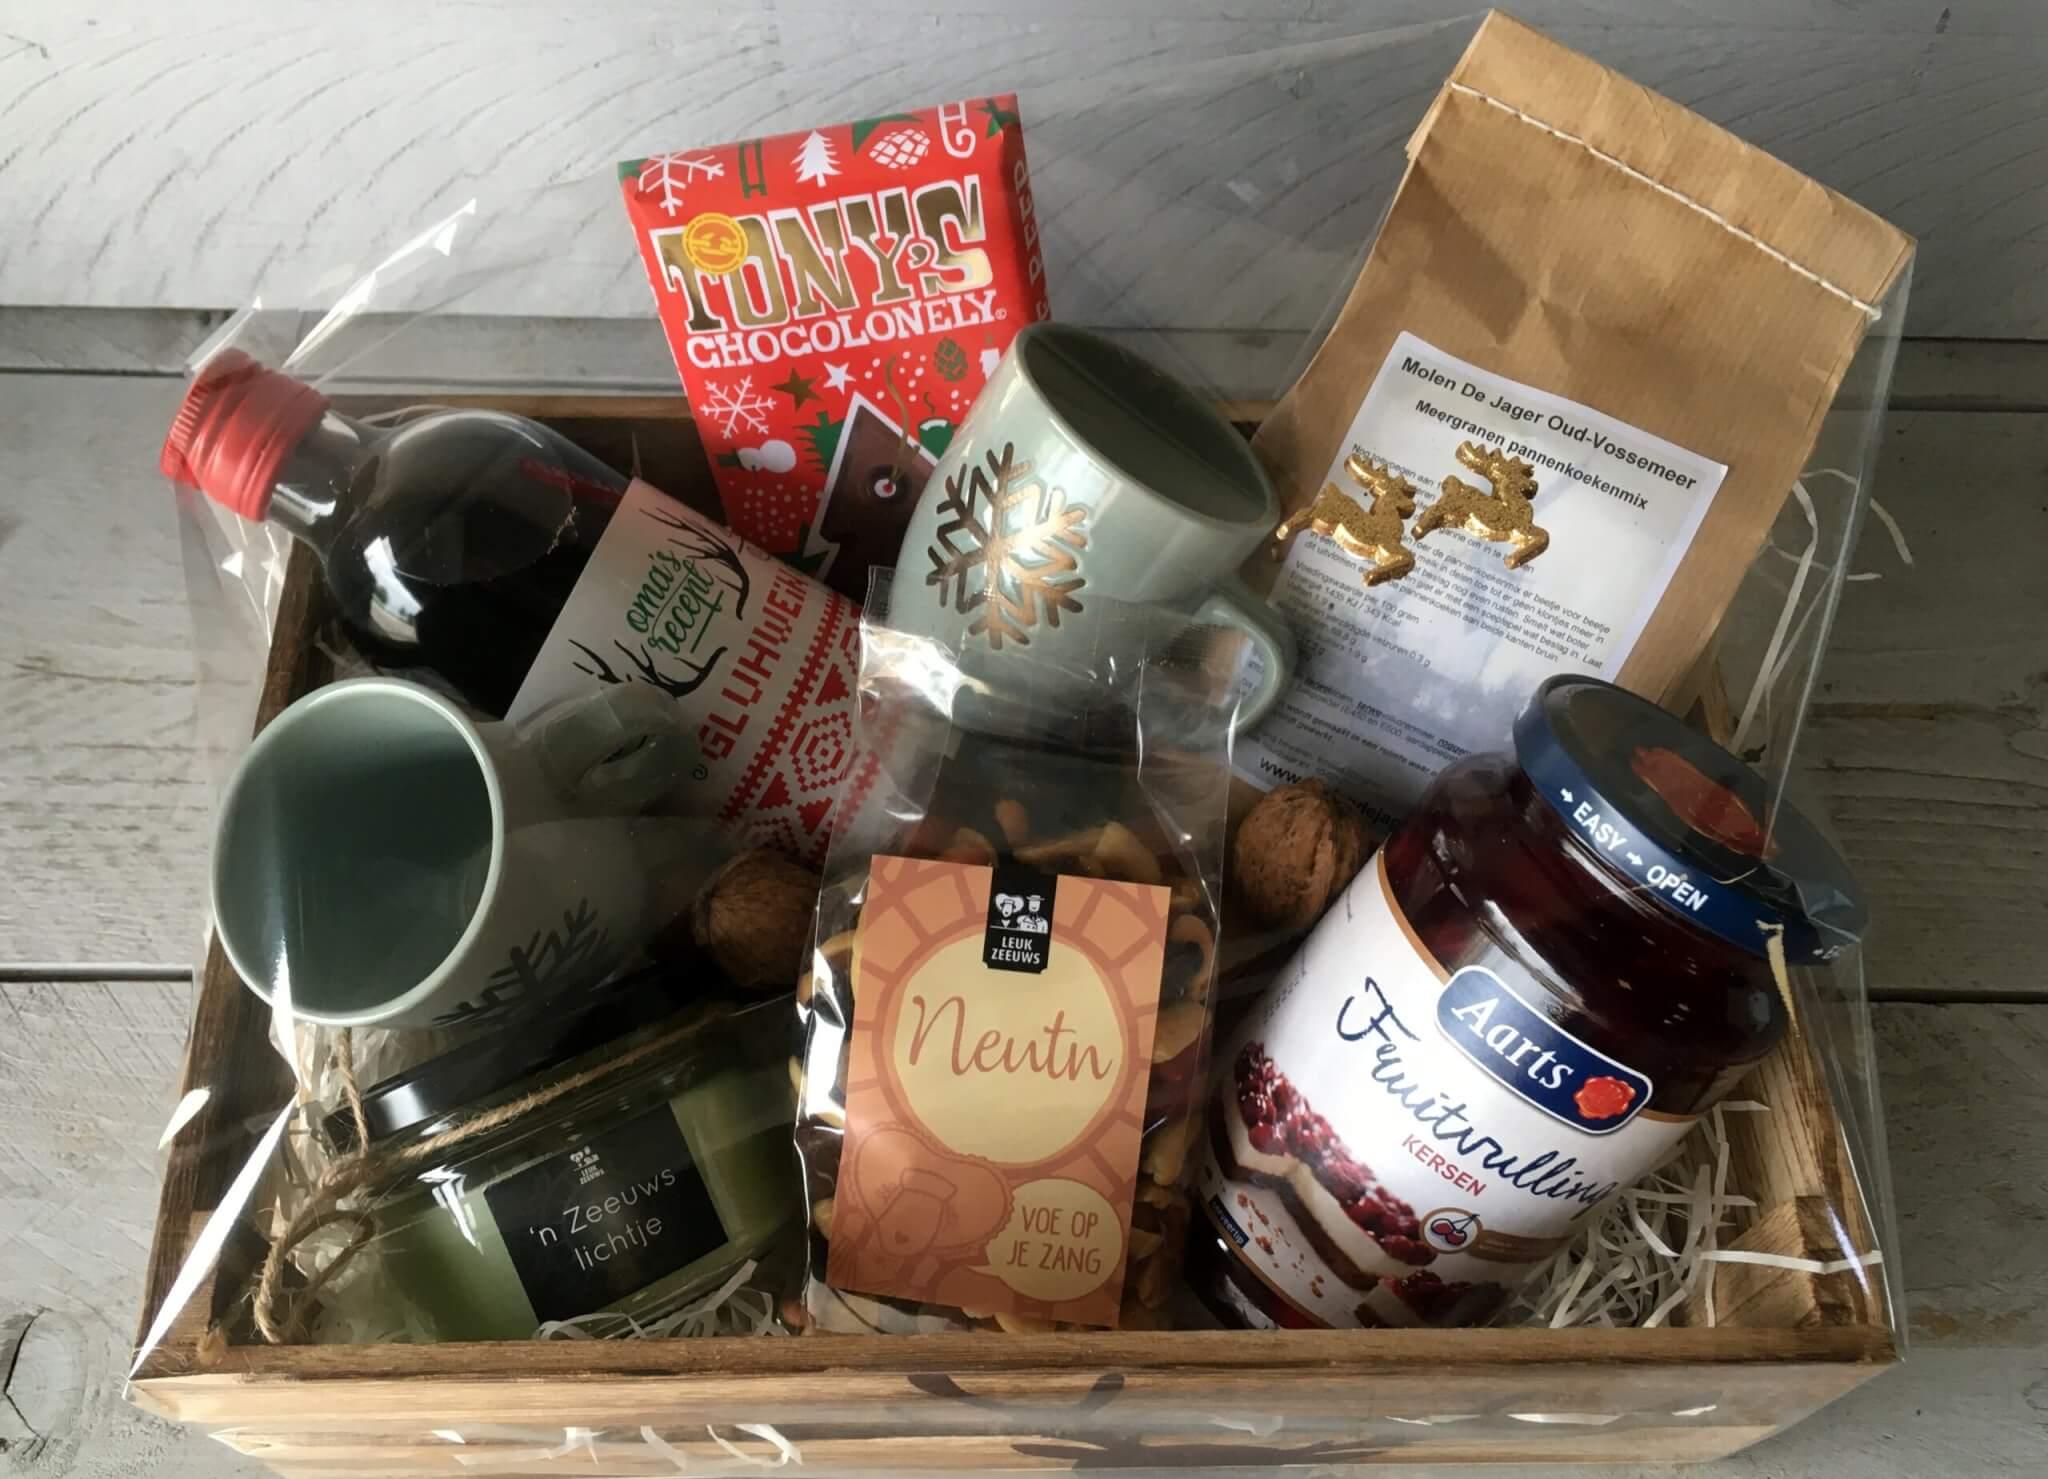 Fruitbedrijf Van den Berge: Kerstpakketten 2020 Sfeervol